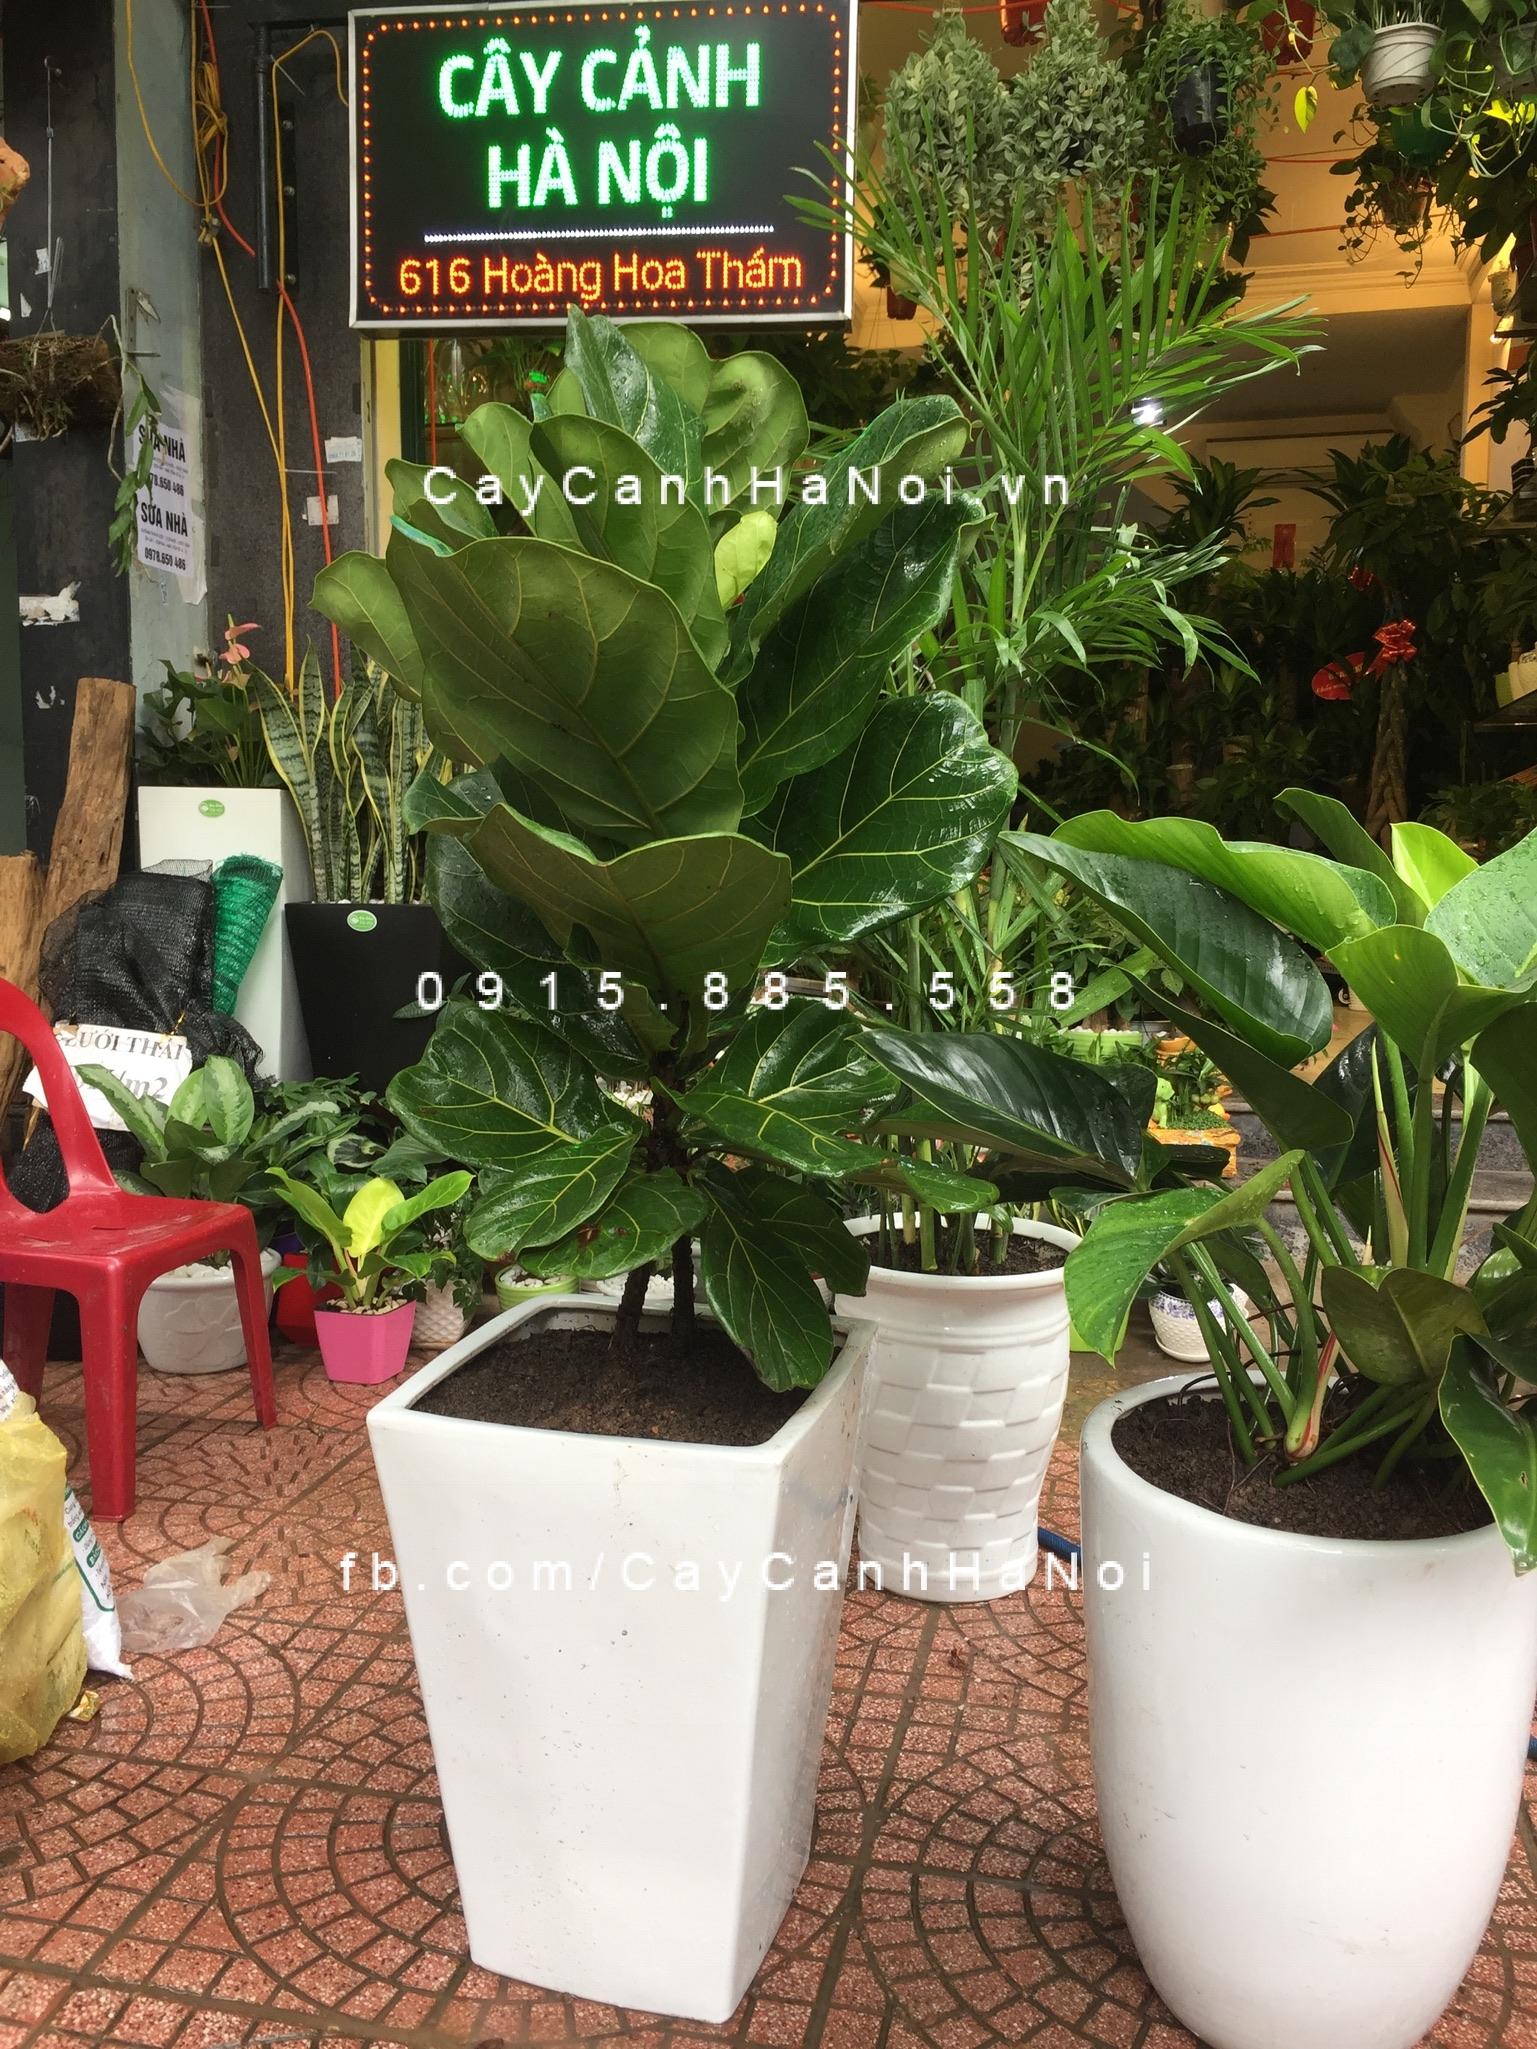 017b343c8376a4522fffbe38295983167143a08de2 Cây Bàng Singapore có ý nghĩa gì và cách chăm sóc có khó không?